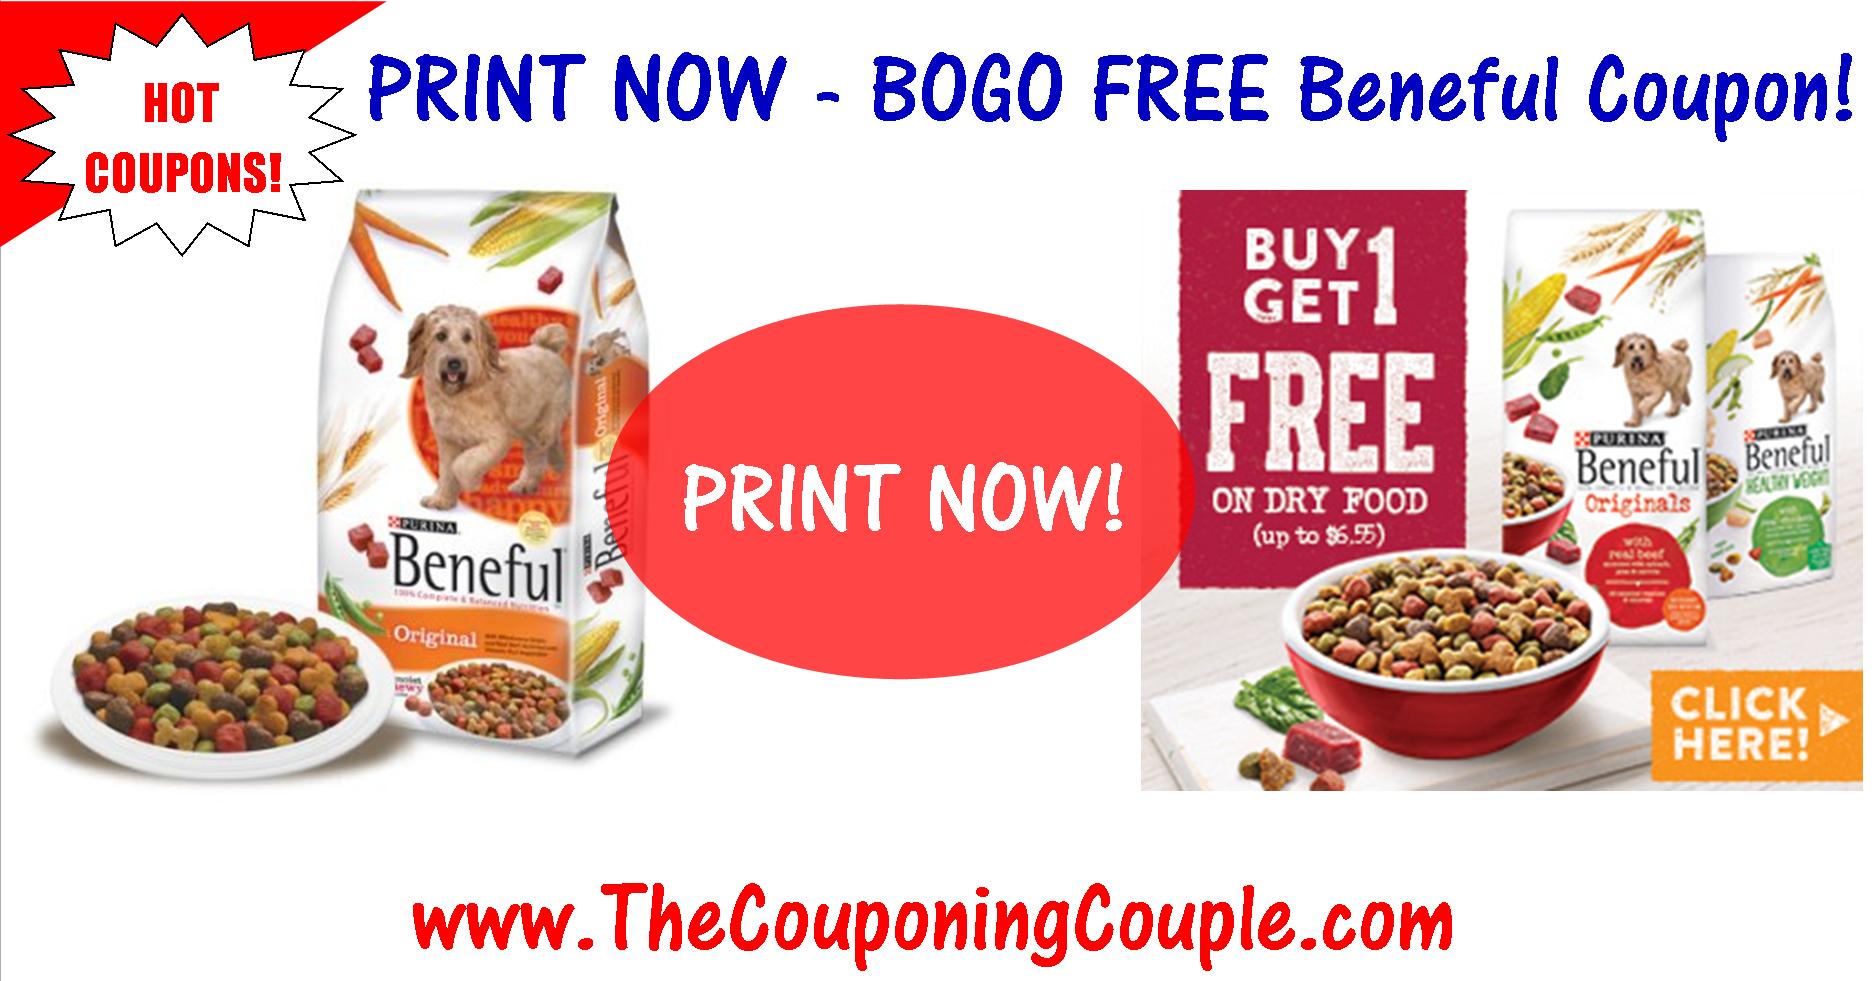 Reset*** Bogo Free Beneful Dog Food Printable Coupon ~ Print Now! - Bogo Free Coupons Printable